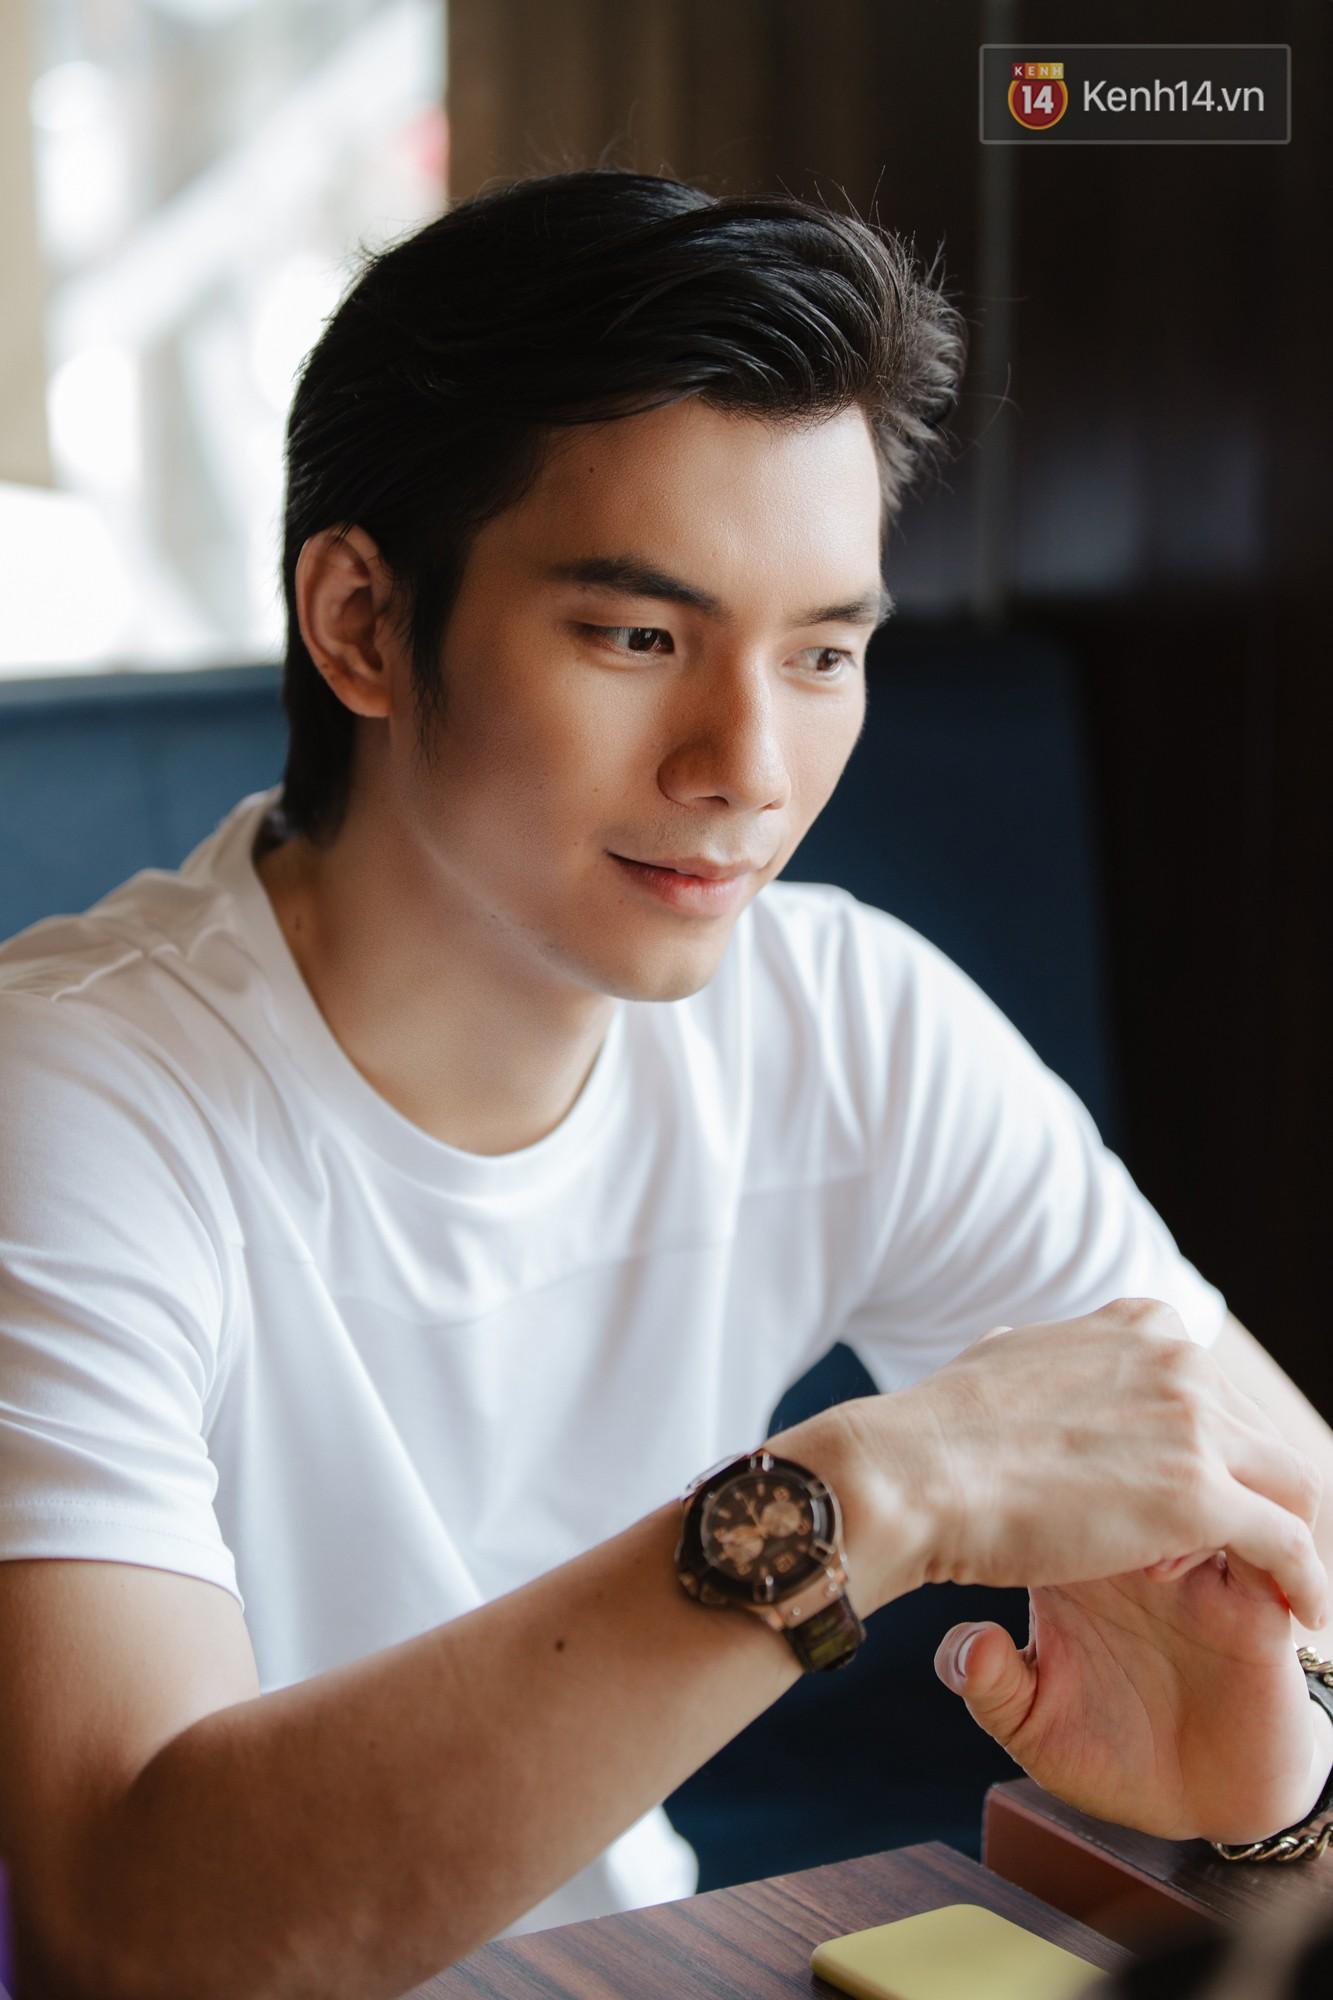 Nhan Phúc Vinh ám ảnh biến cố 10 năm với đạo diễn Nguyễn Quang Dũng: Tôi khóc như mưa ngay giữa quán nhậu - Ảnh 10.